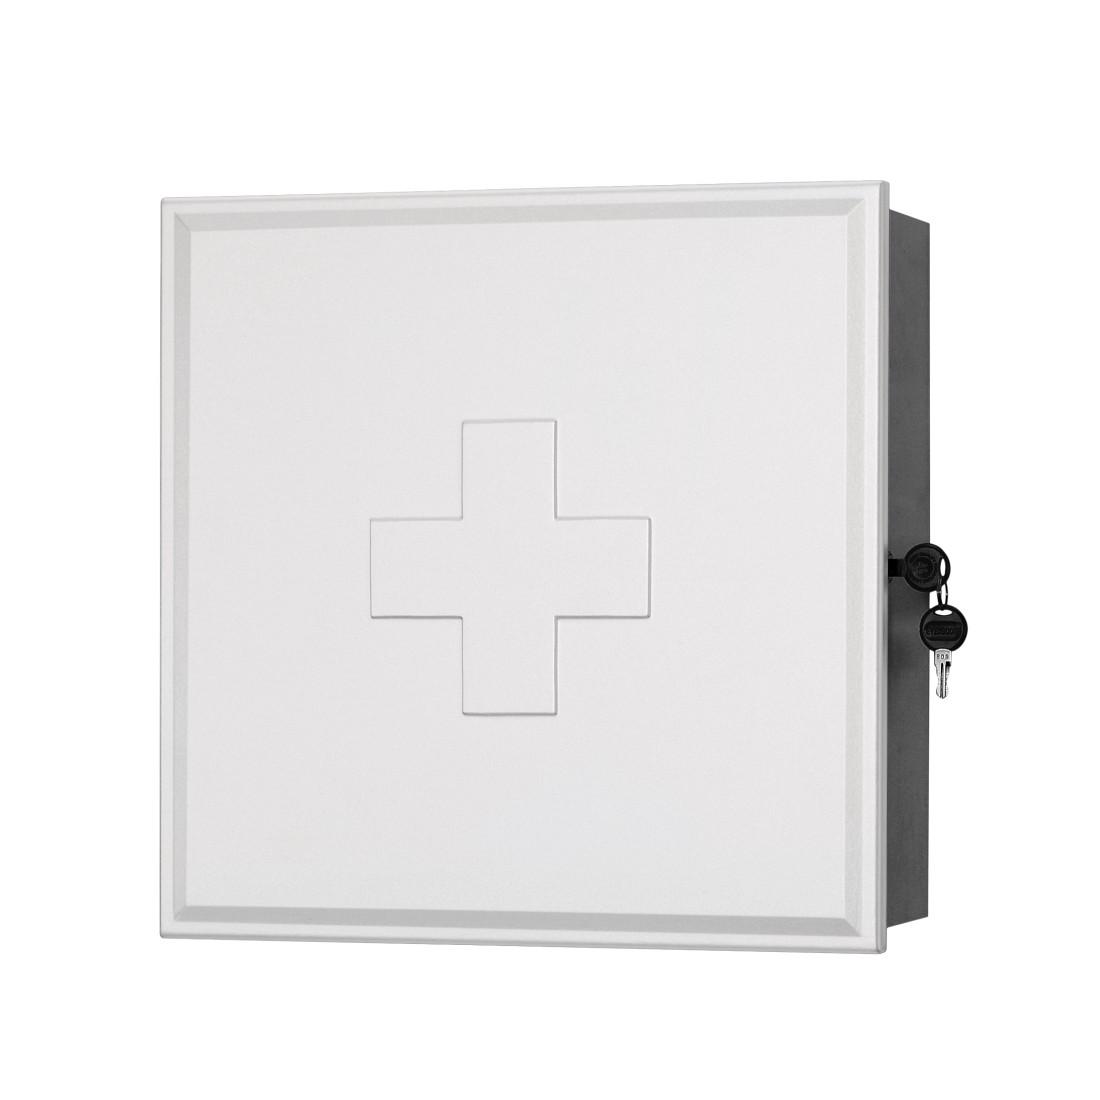 Medizinschrank Medibox – Weiß/Silber, Sieper kaufen